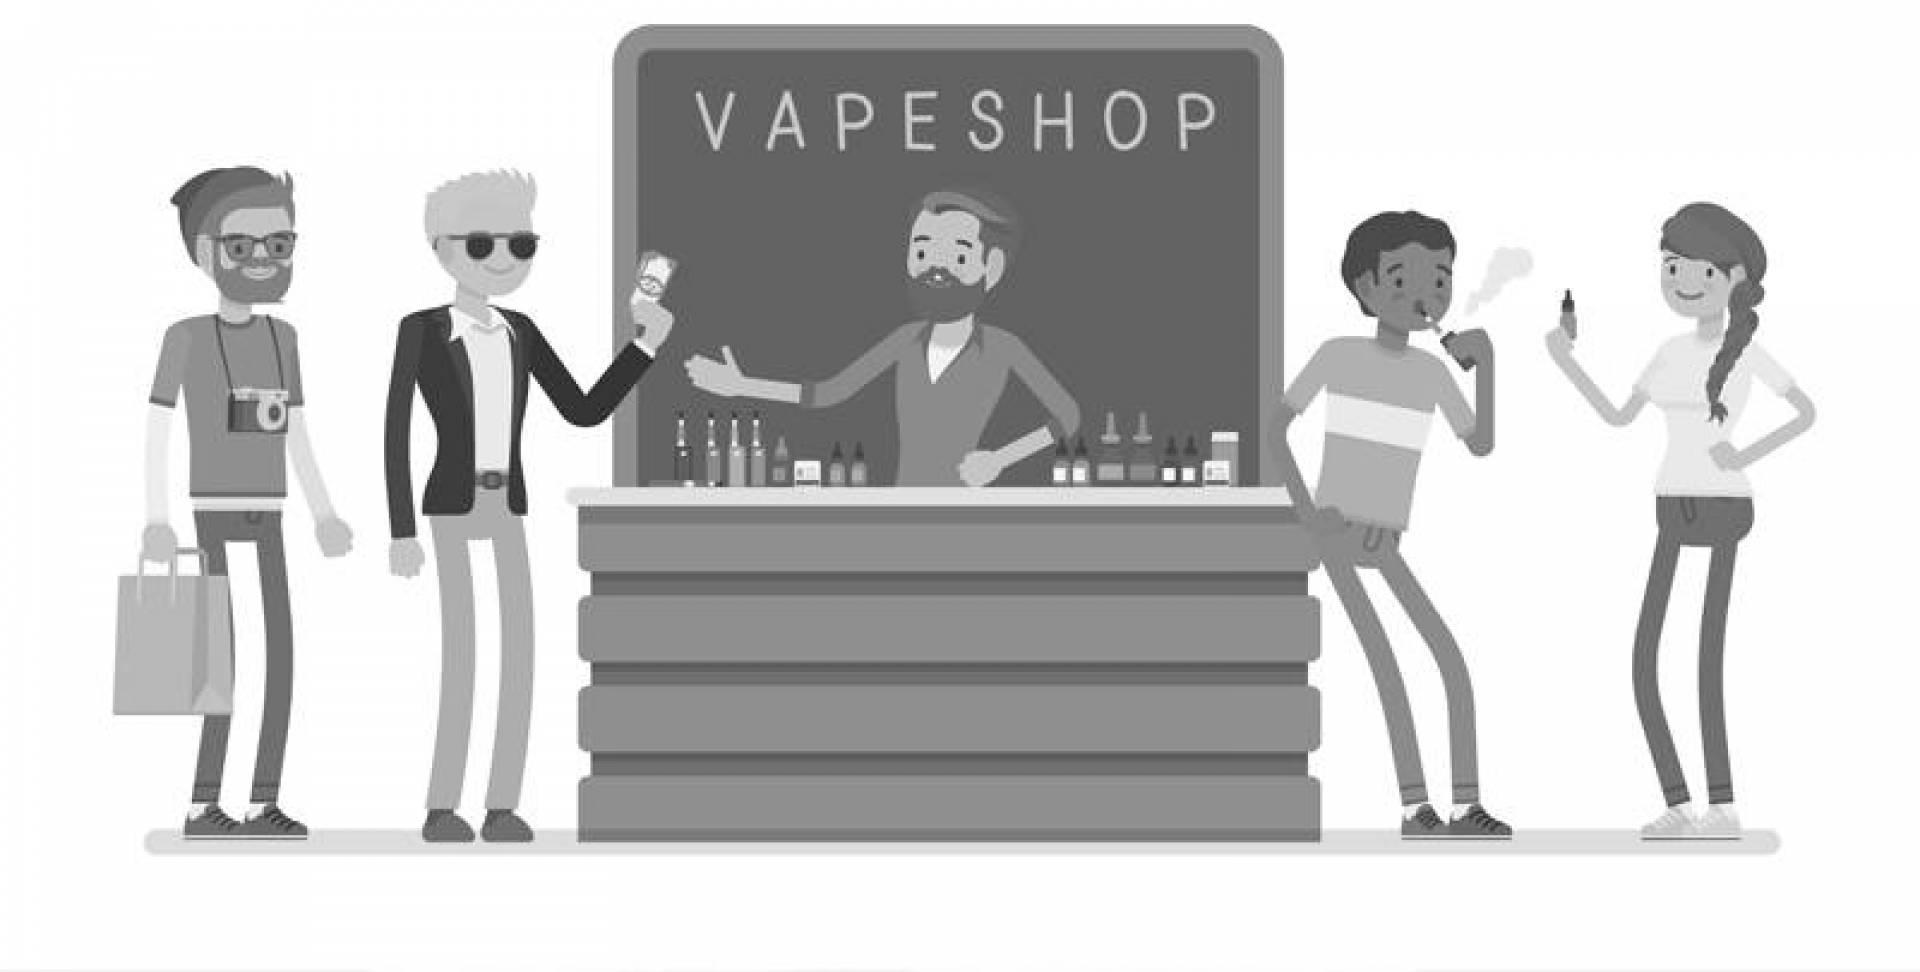 شركات التبغ الكبرى تبحث عن بدائل للسجائر